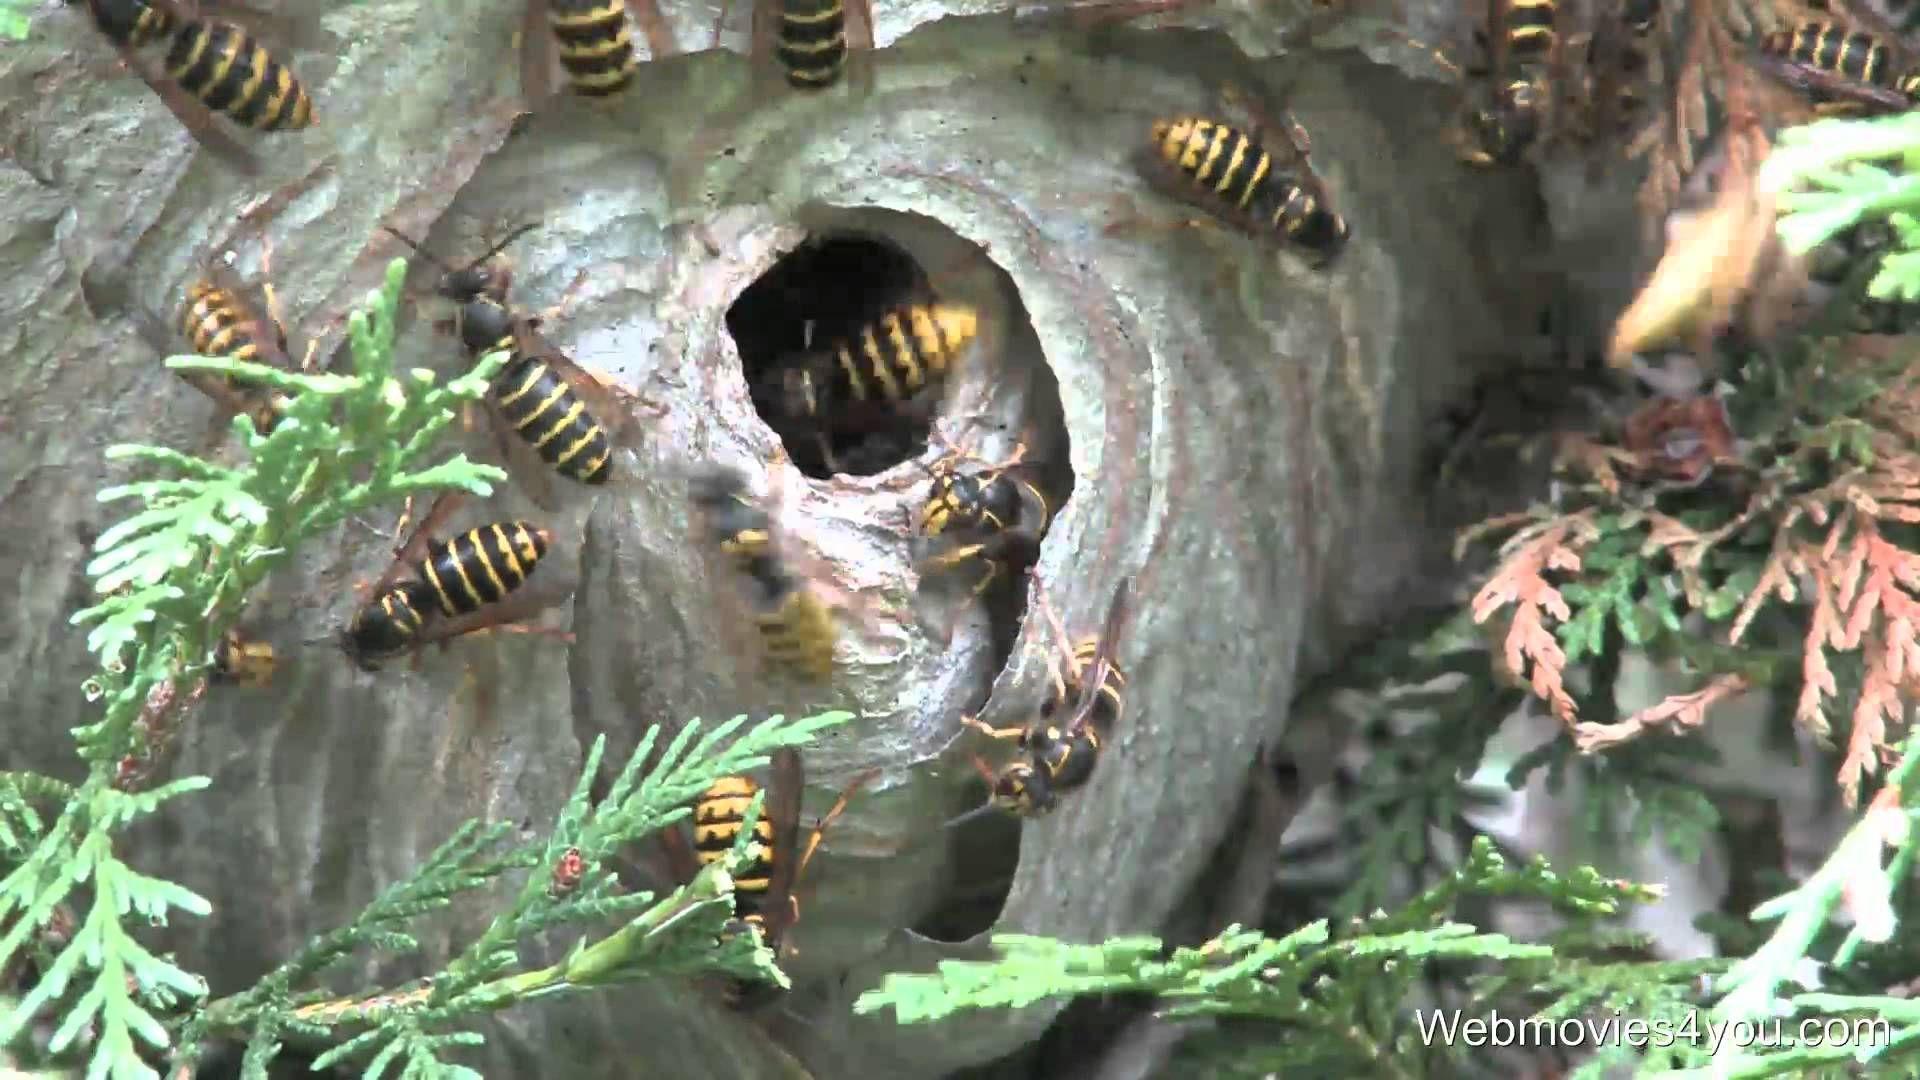 WASP NEST REMOVAL VIDEO Wasp nest removal, Wasp nest, Wasp